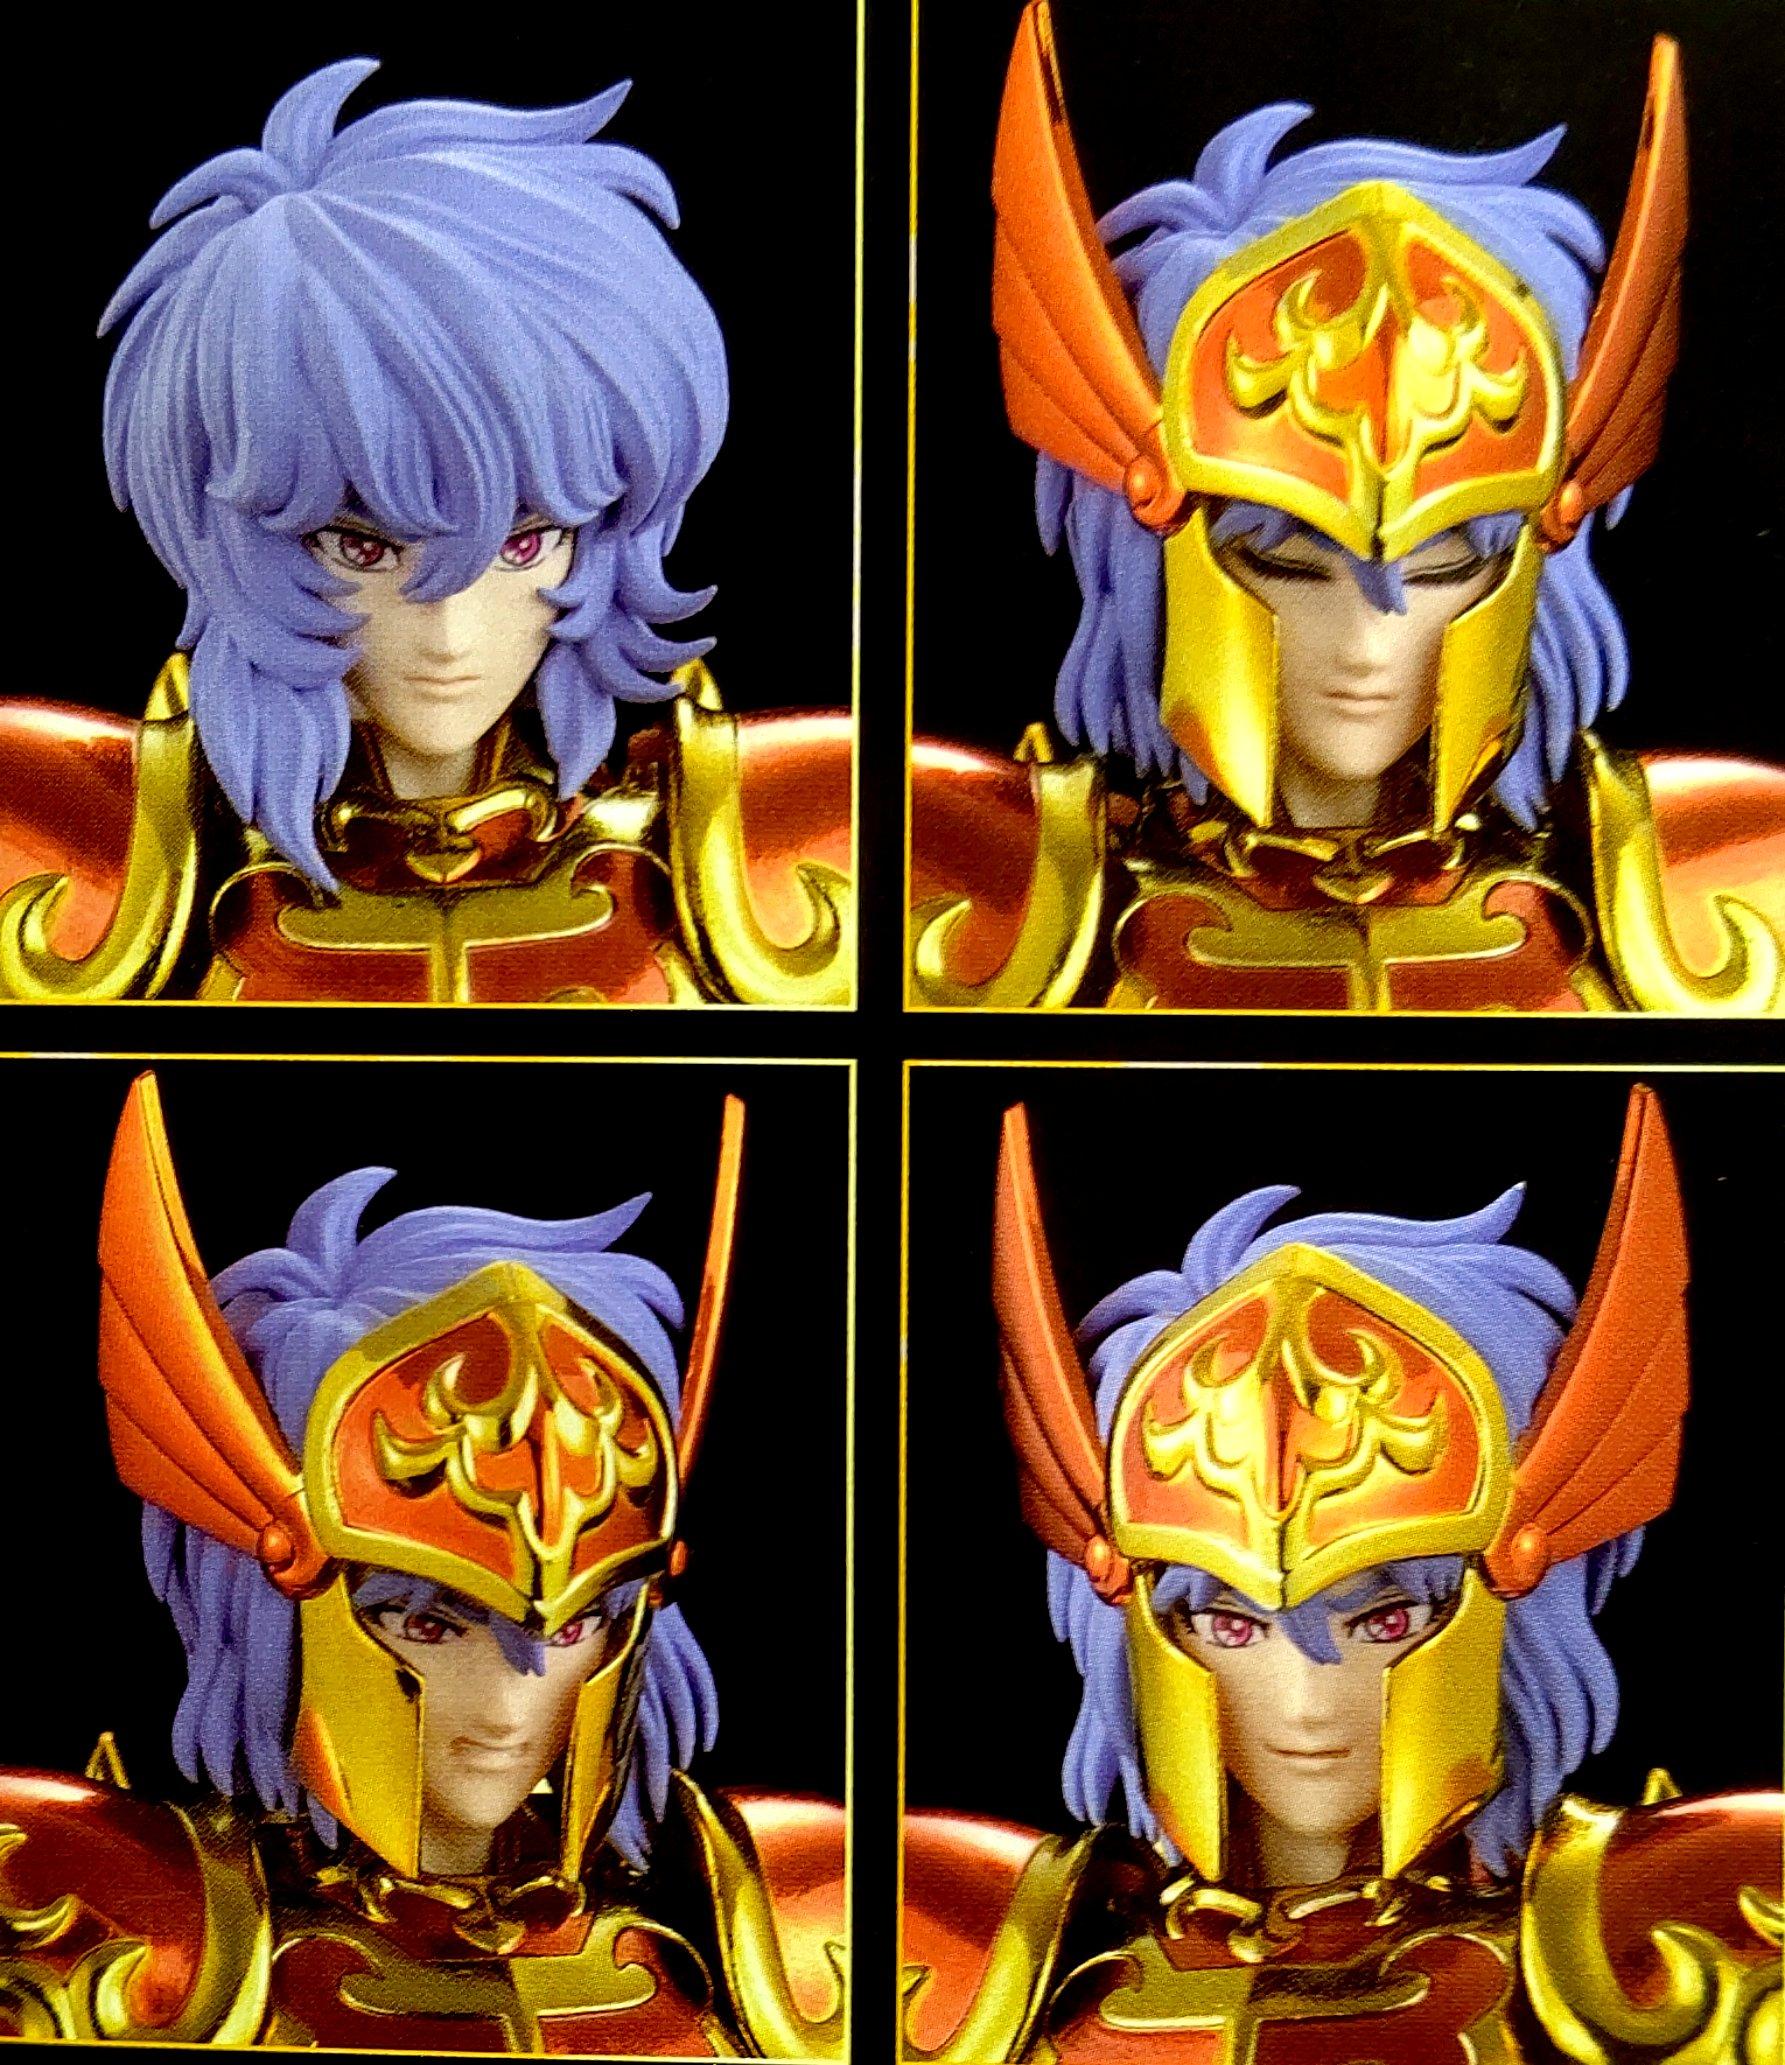 [Comentários] Sorento de Sirene EX - Asgard Final Battle Version  Nt6k52l5_o